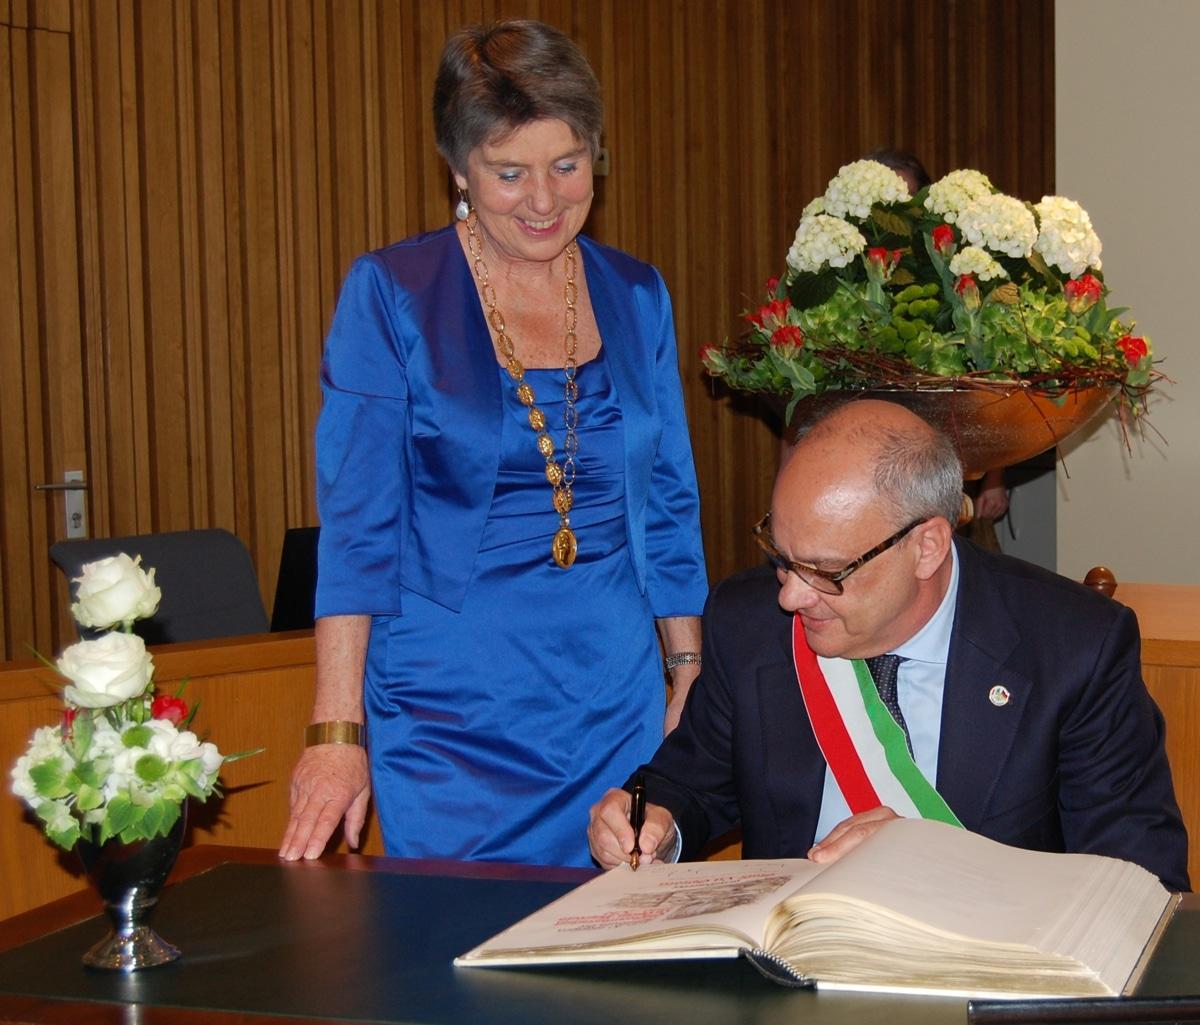 Paolo Asti, La Spezias Referent für Kultur und internationale Beziehungen, trägt sich ins Goldene Buch der Stadt Bayreuth ein.